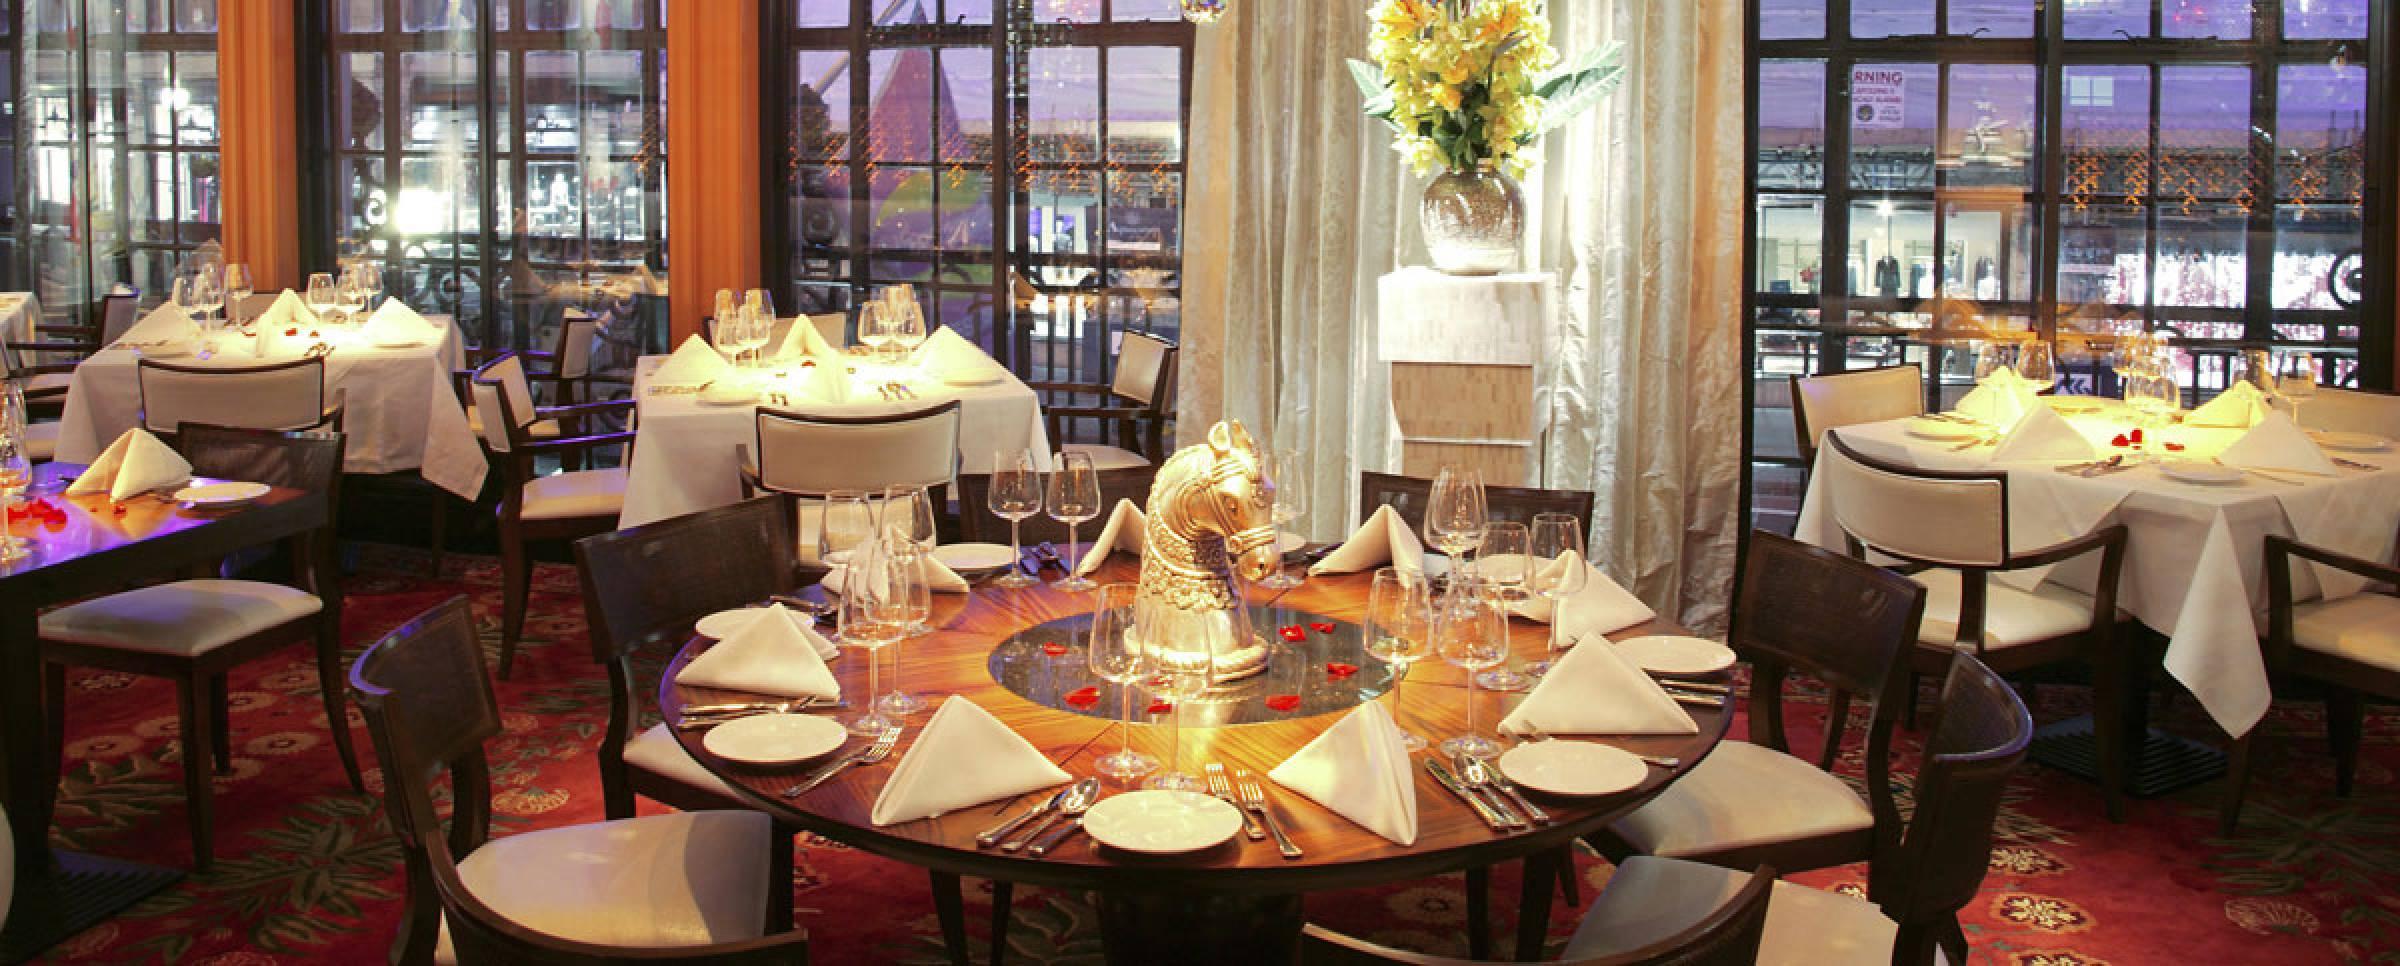 Veeraswamy, Indian Restaurant